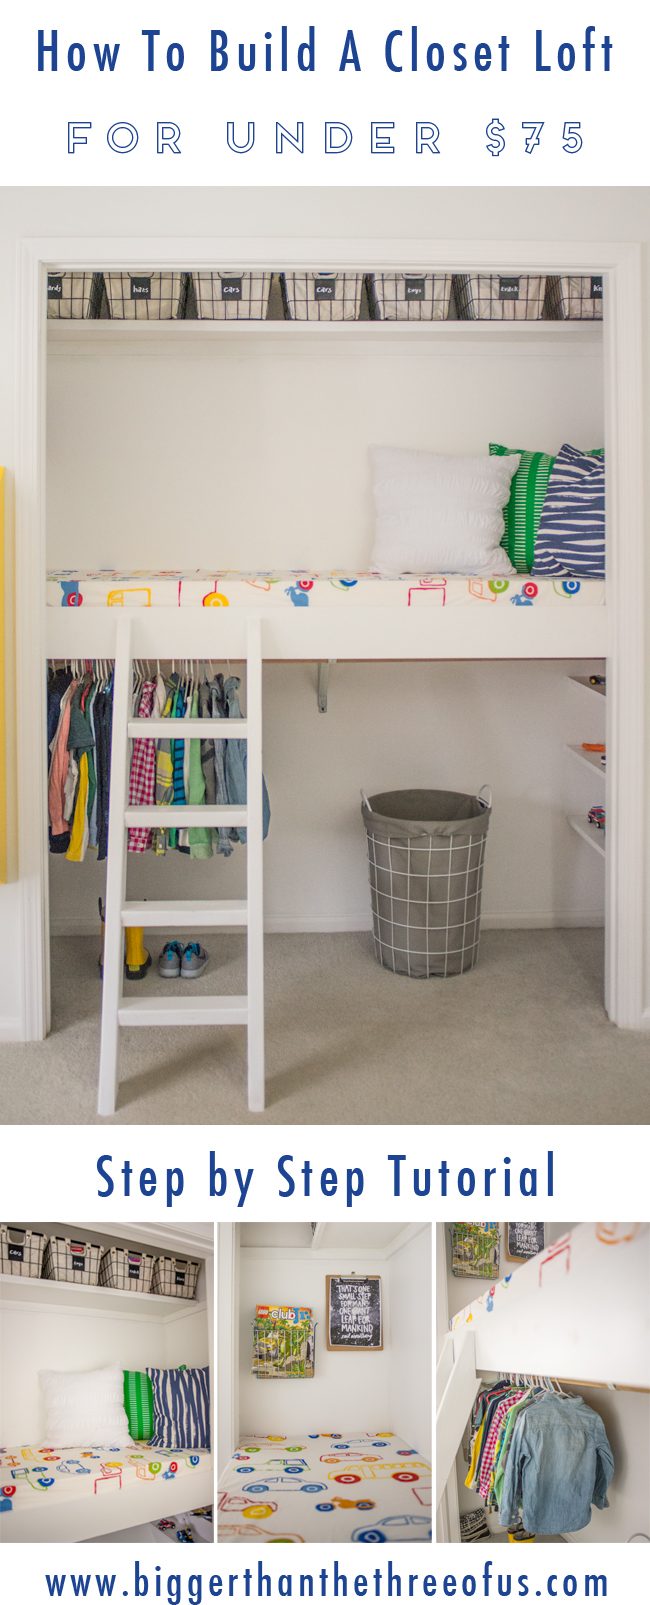 Build a Closet Loft